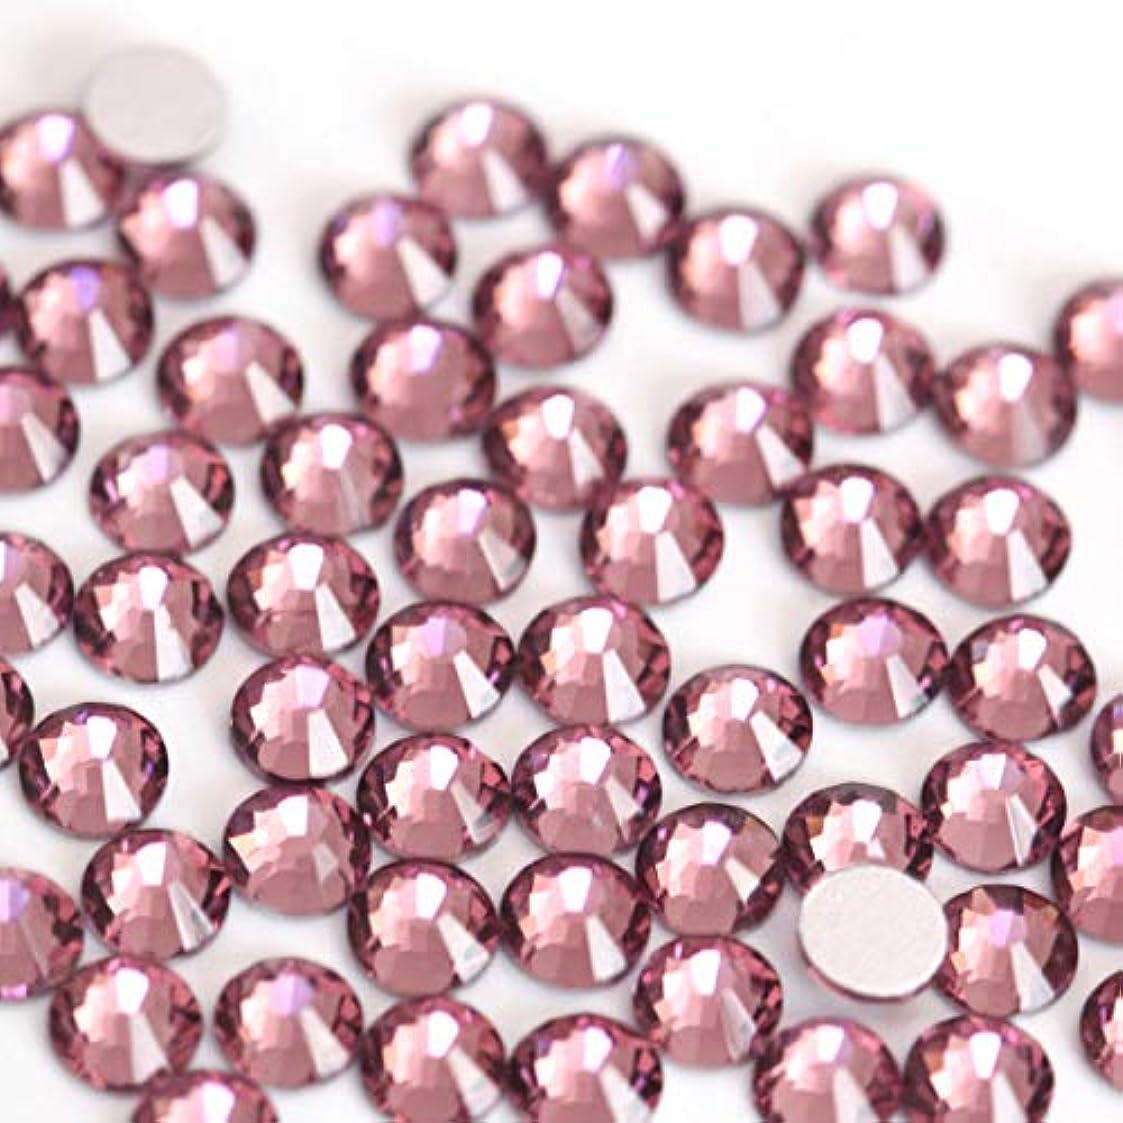 助言する減る実際の【ラインストーン77】高品質ガラス製ラインストーン ライトアメジスト(1.7mm (SS5) 約200粒)